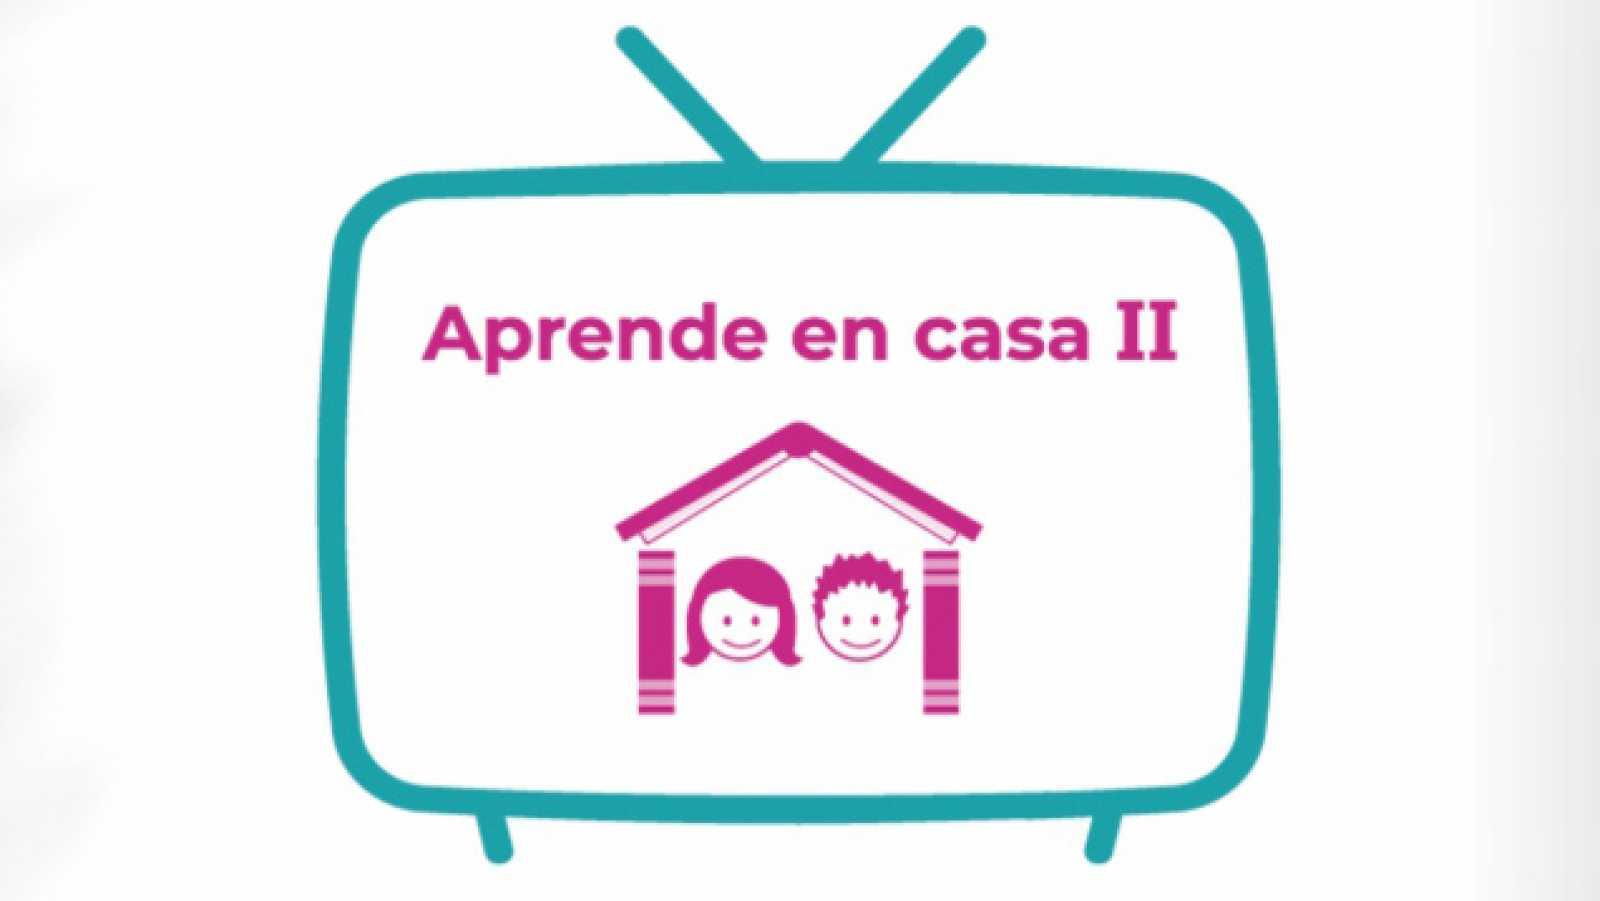 Amigos de la onda corta - Radio y televisión educativa frente al COVID - 08/10/20 - escuchar ahora